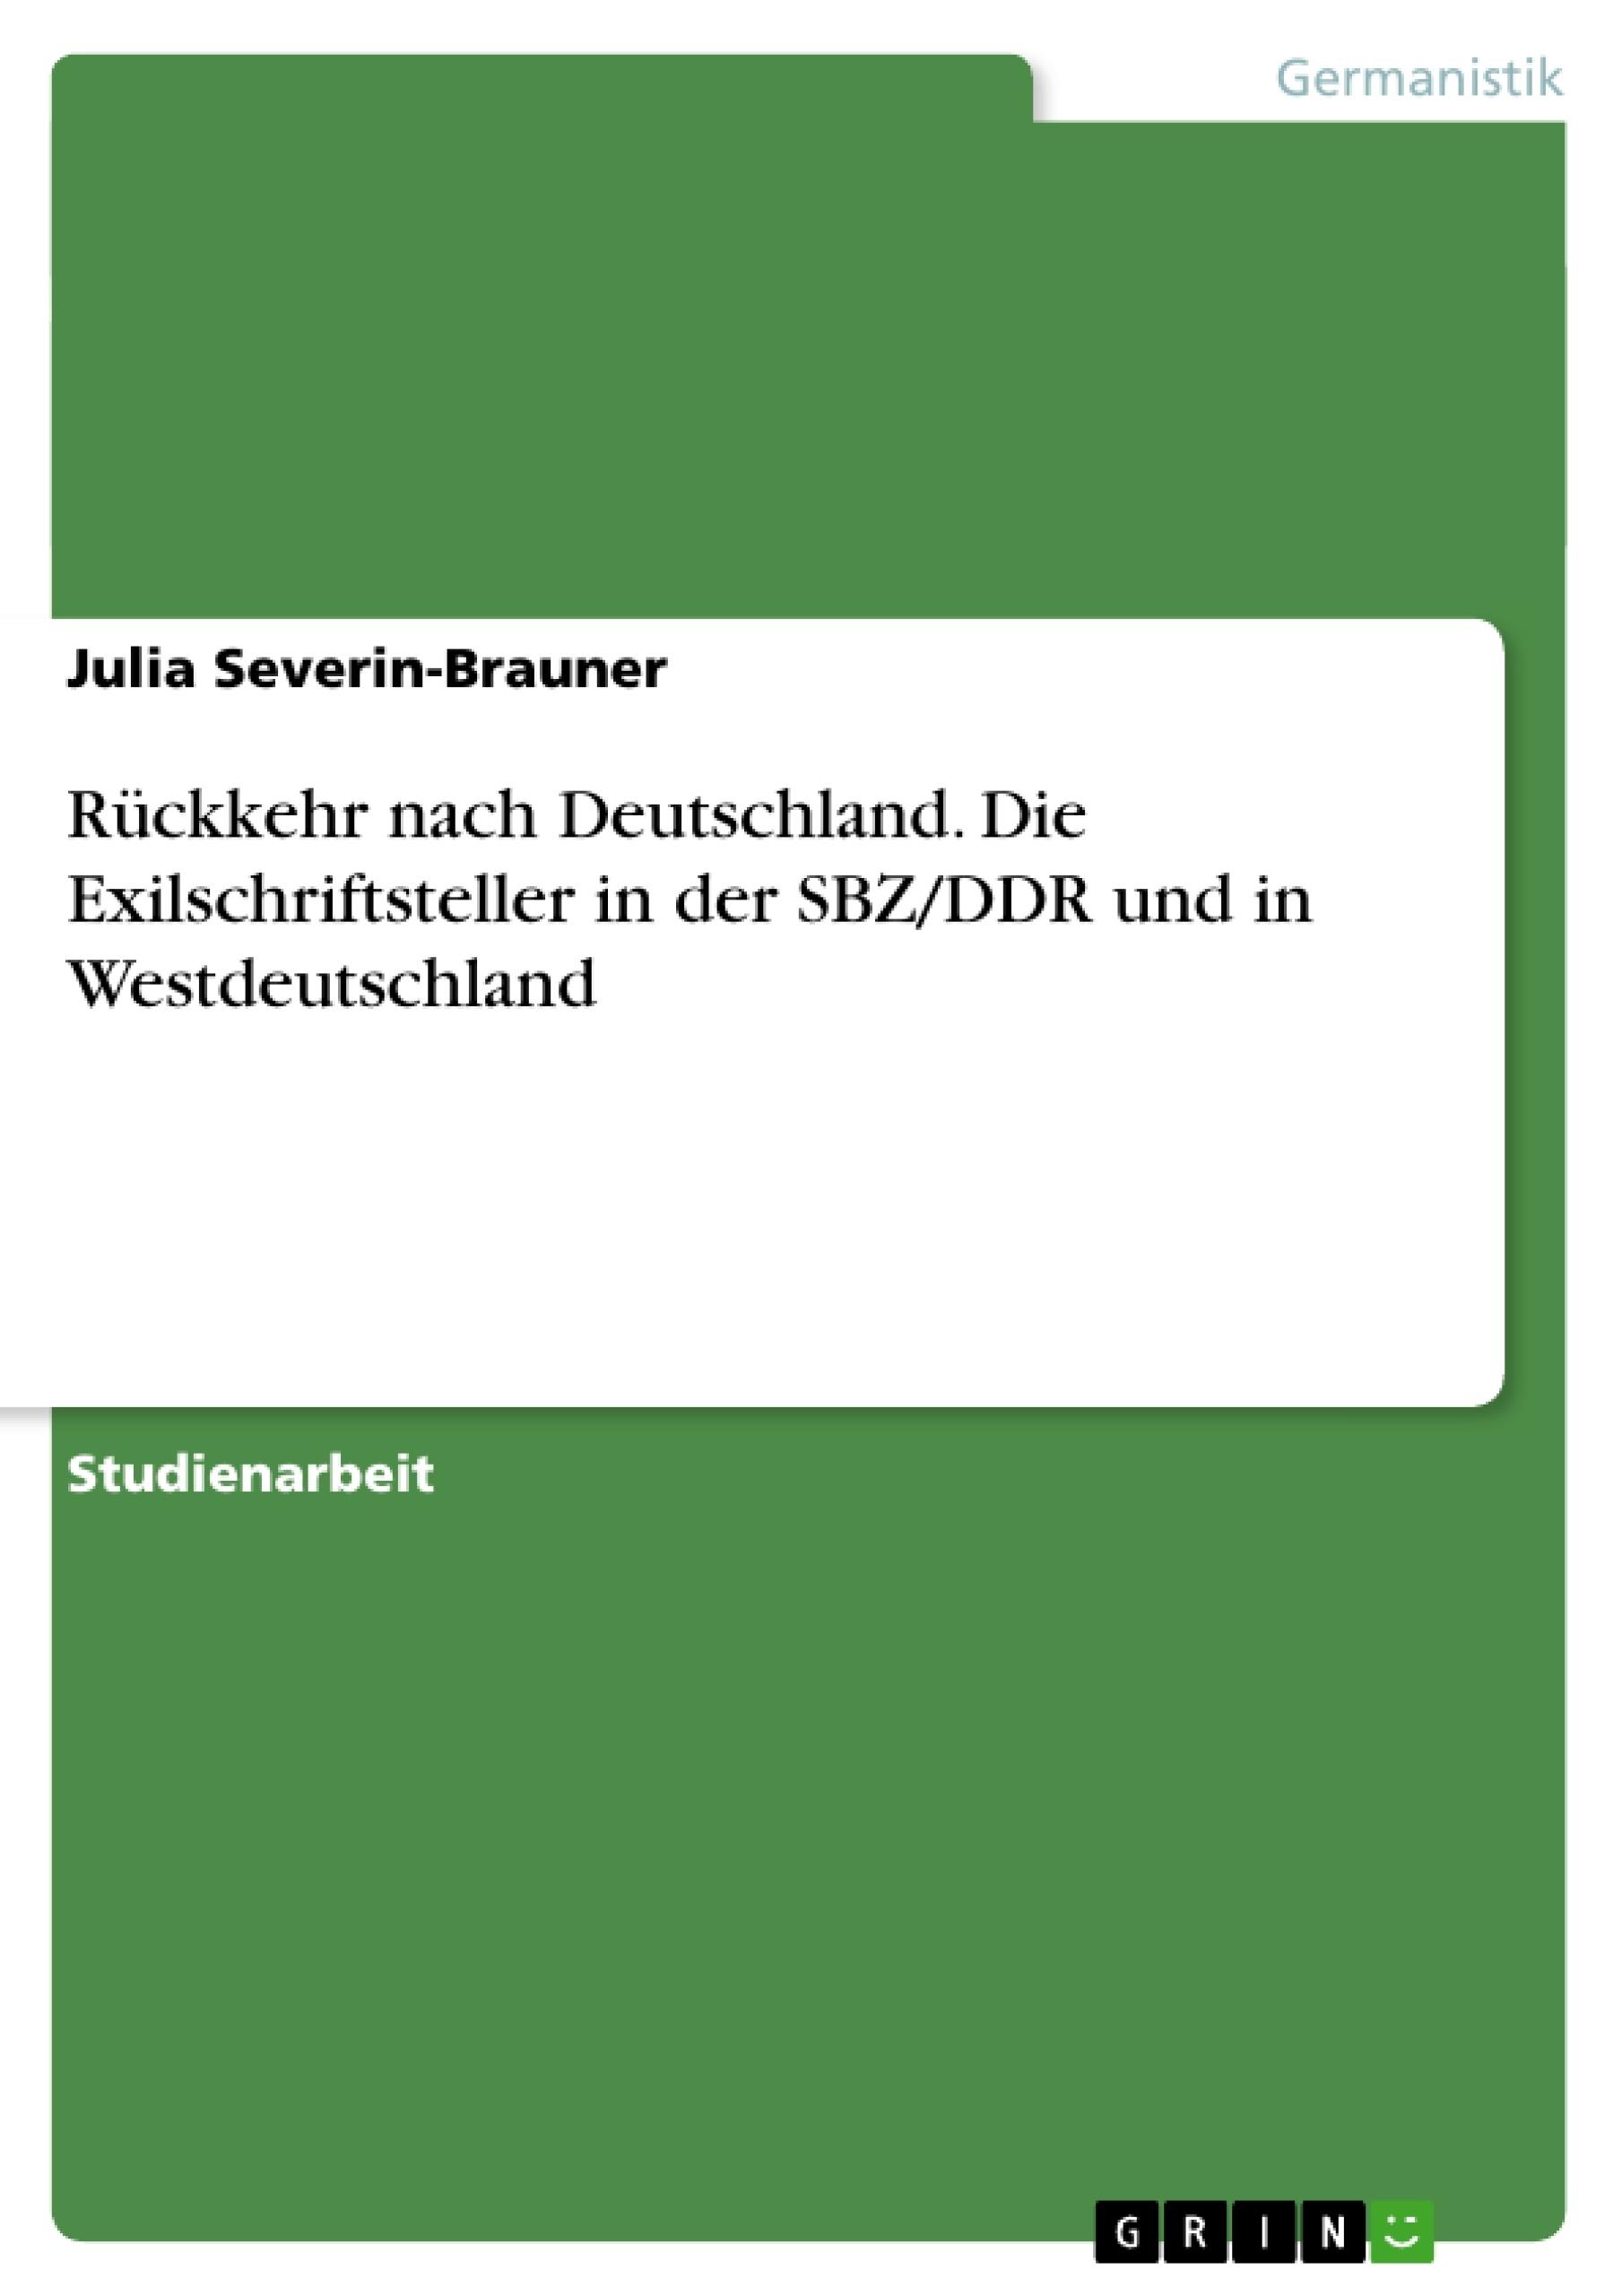 Titel: Rückkehr nach Deutschland. Die Exilschriftsteller in der SBZ/DDR und in Westdeutschland